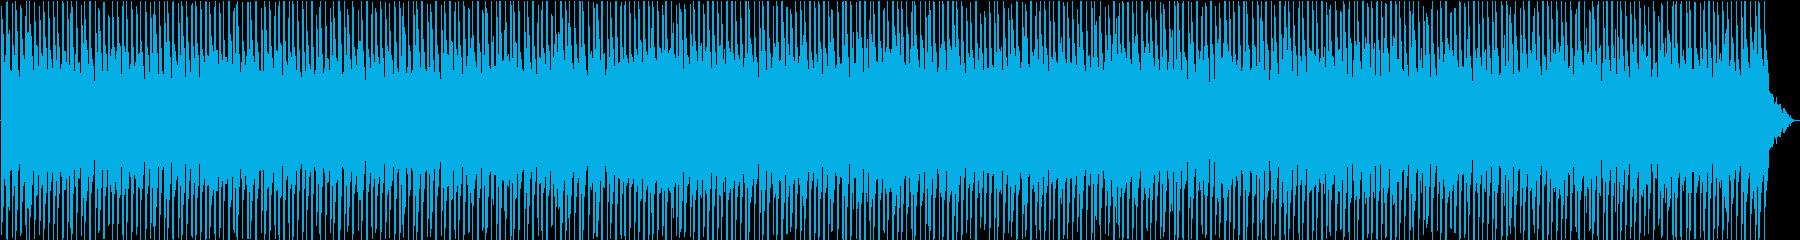 ダウンテンポでダークなテクノの再生済みの波形